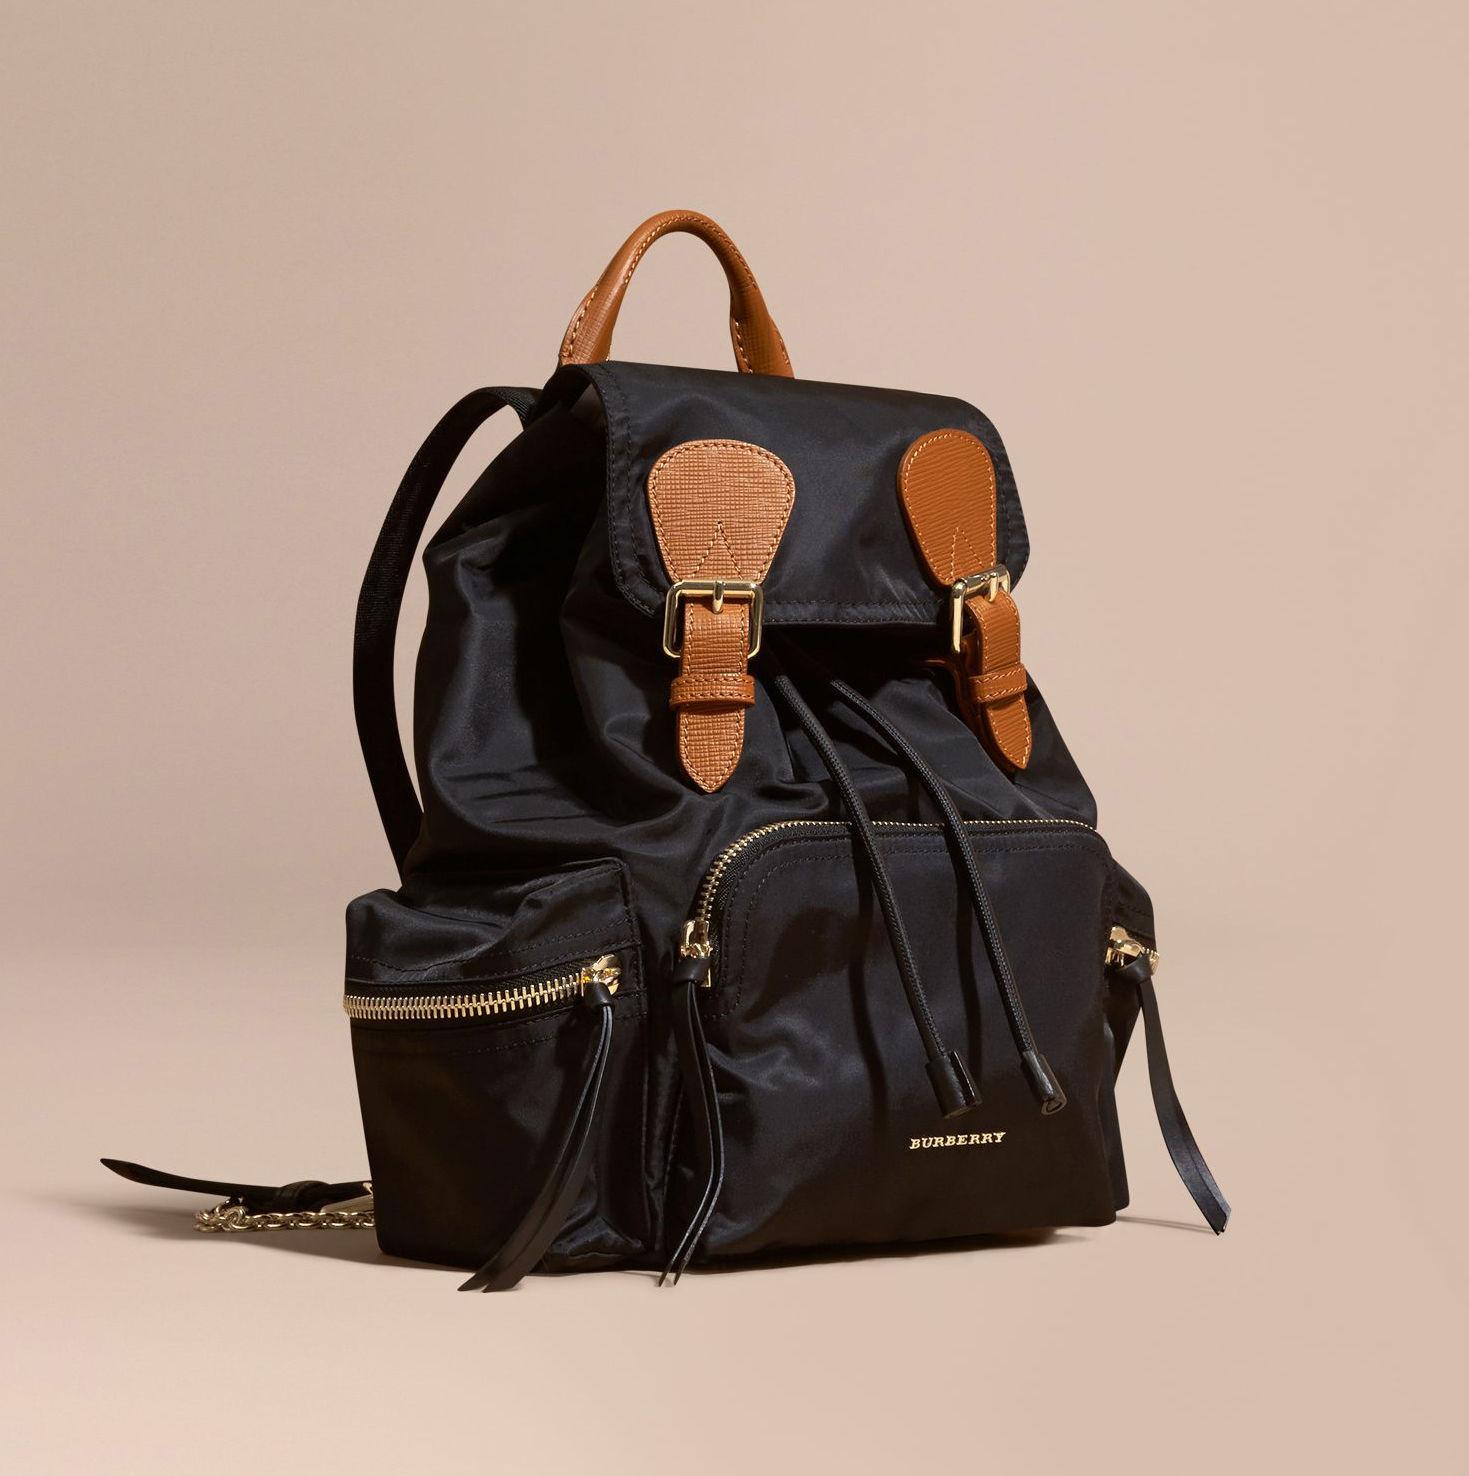 6bdc3a1e2ec8c Plecak BURBERRY – Kup Teraz! Najlepsze ceny i opinie! Sklep ...